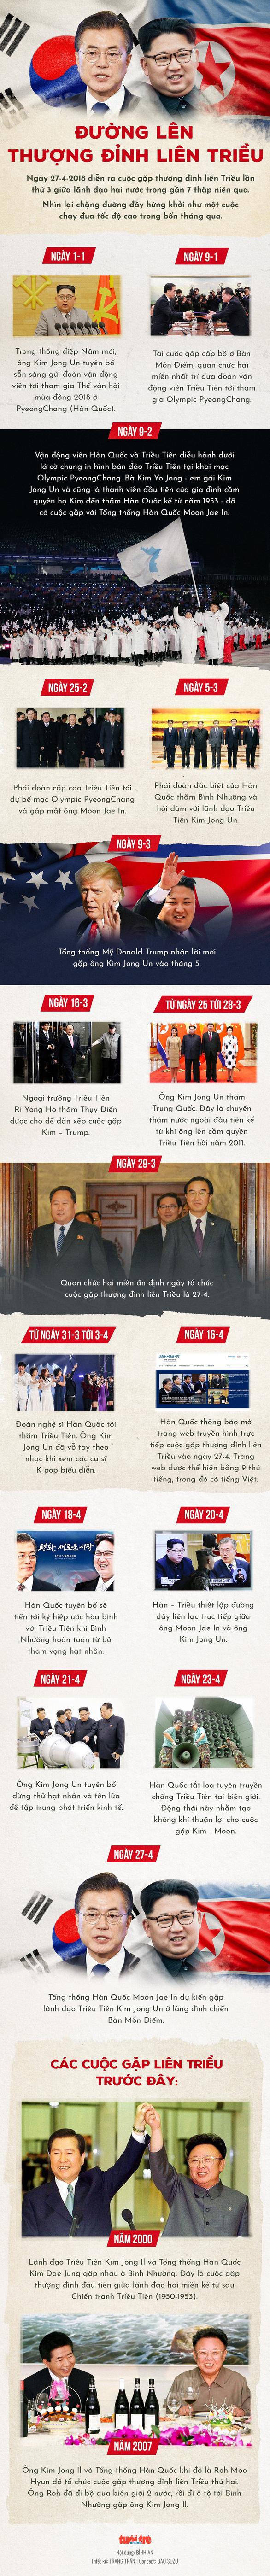 Thượng đỉnh liên Triều 2007 từng bị hoãn vì lũ lụt - Ảnh 3.